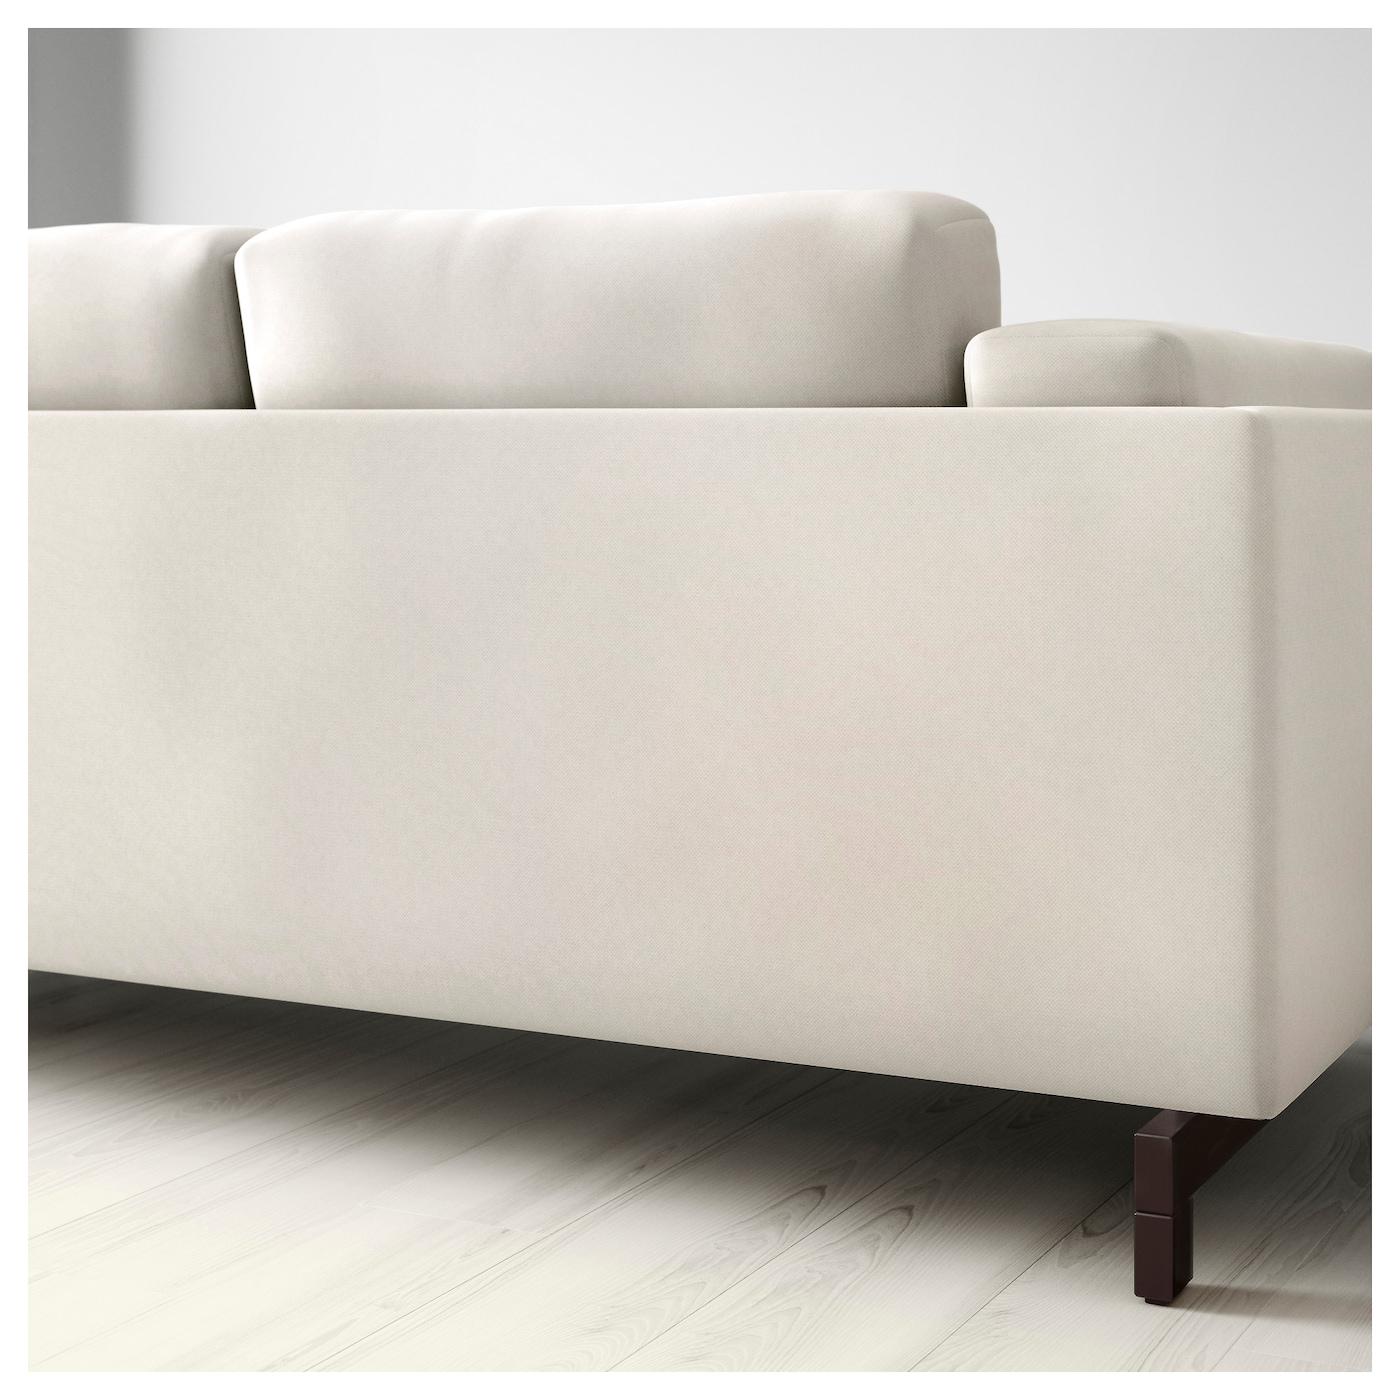 Nockeby three seat sofa tallmyra light beige wood ikea for Sofa nockeby